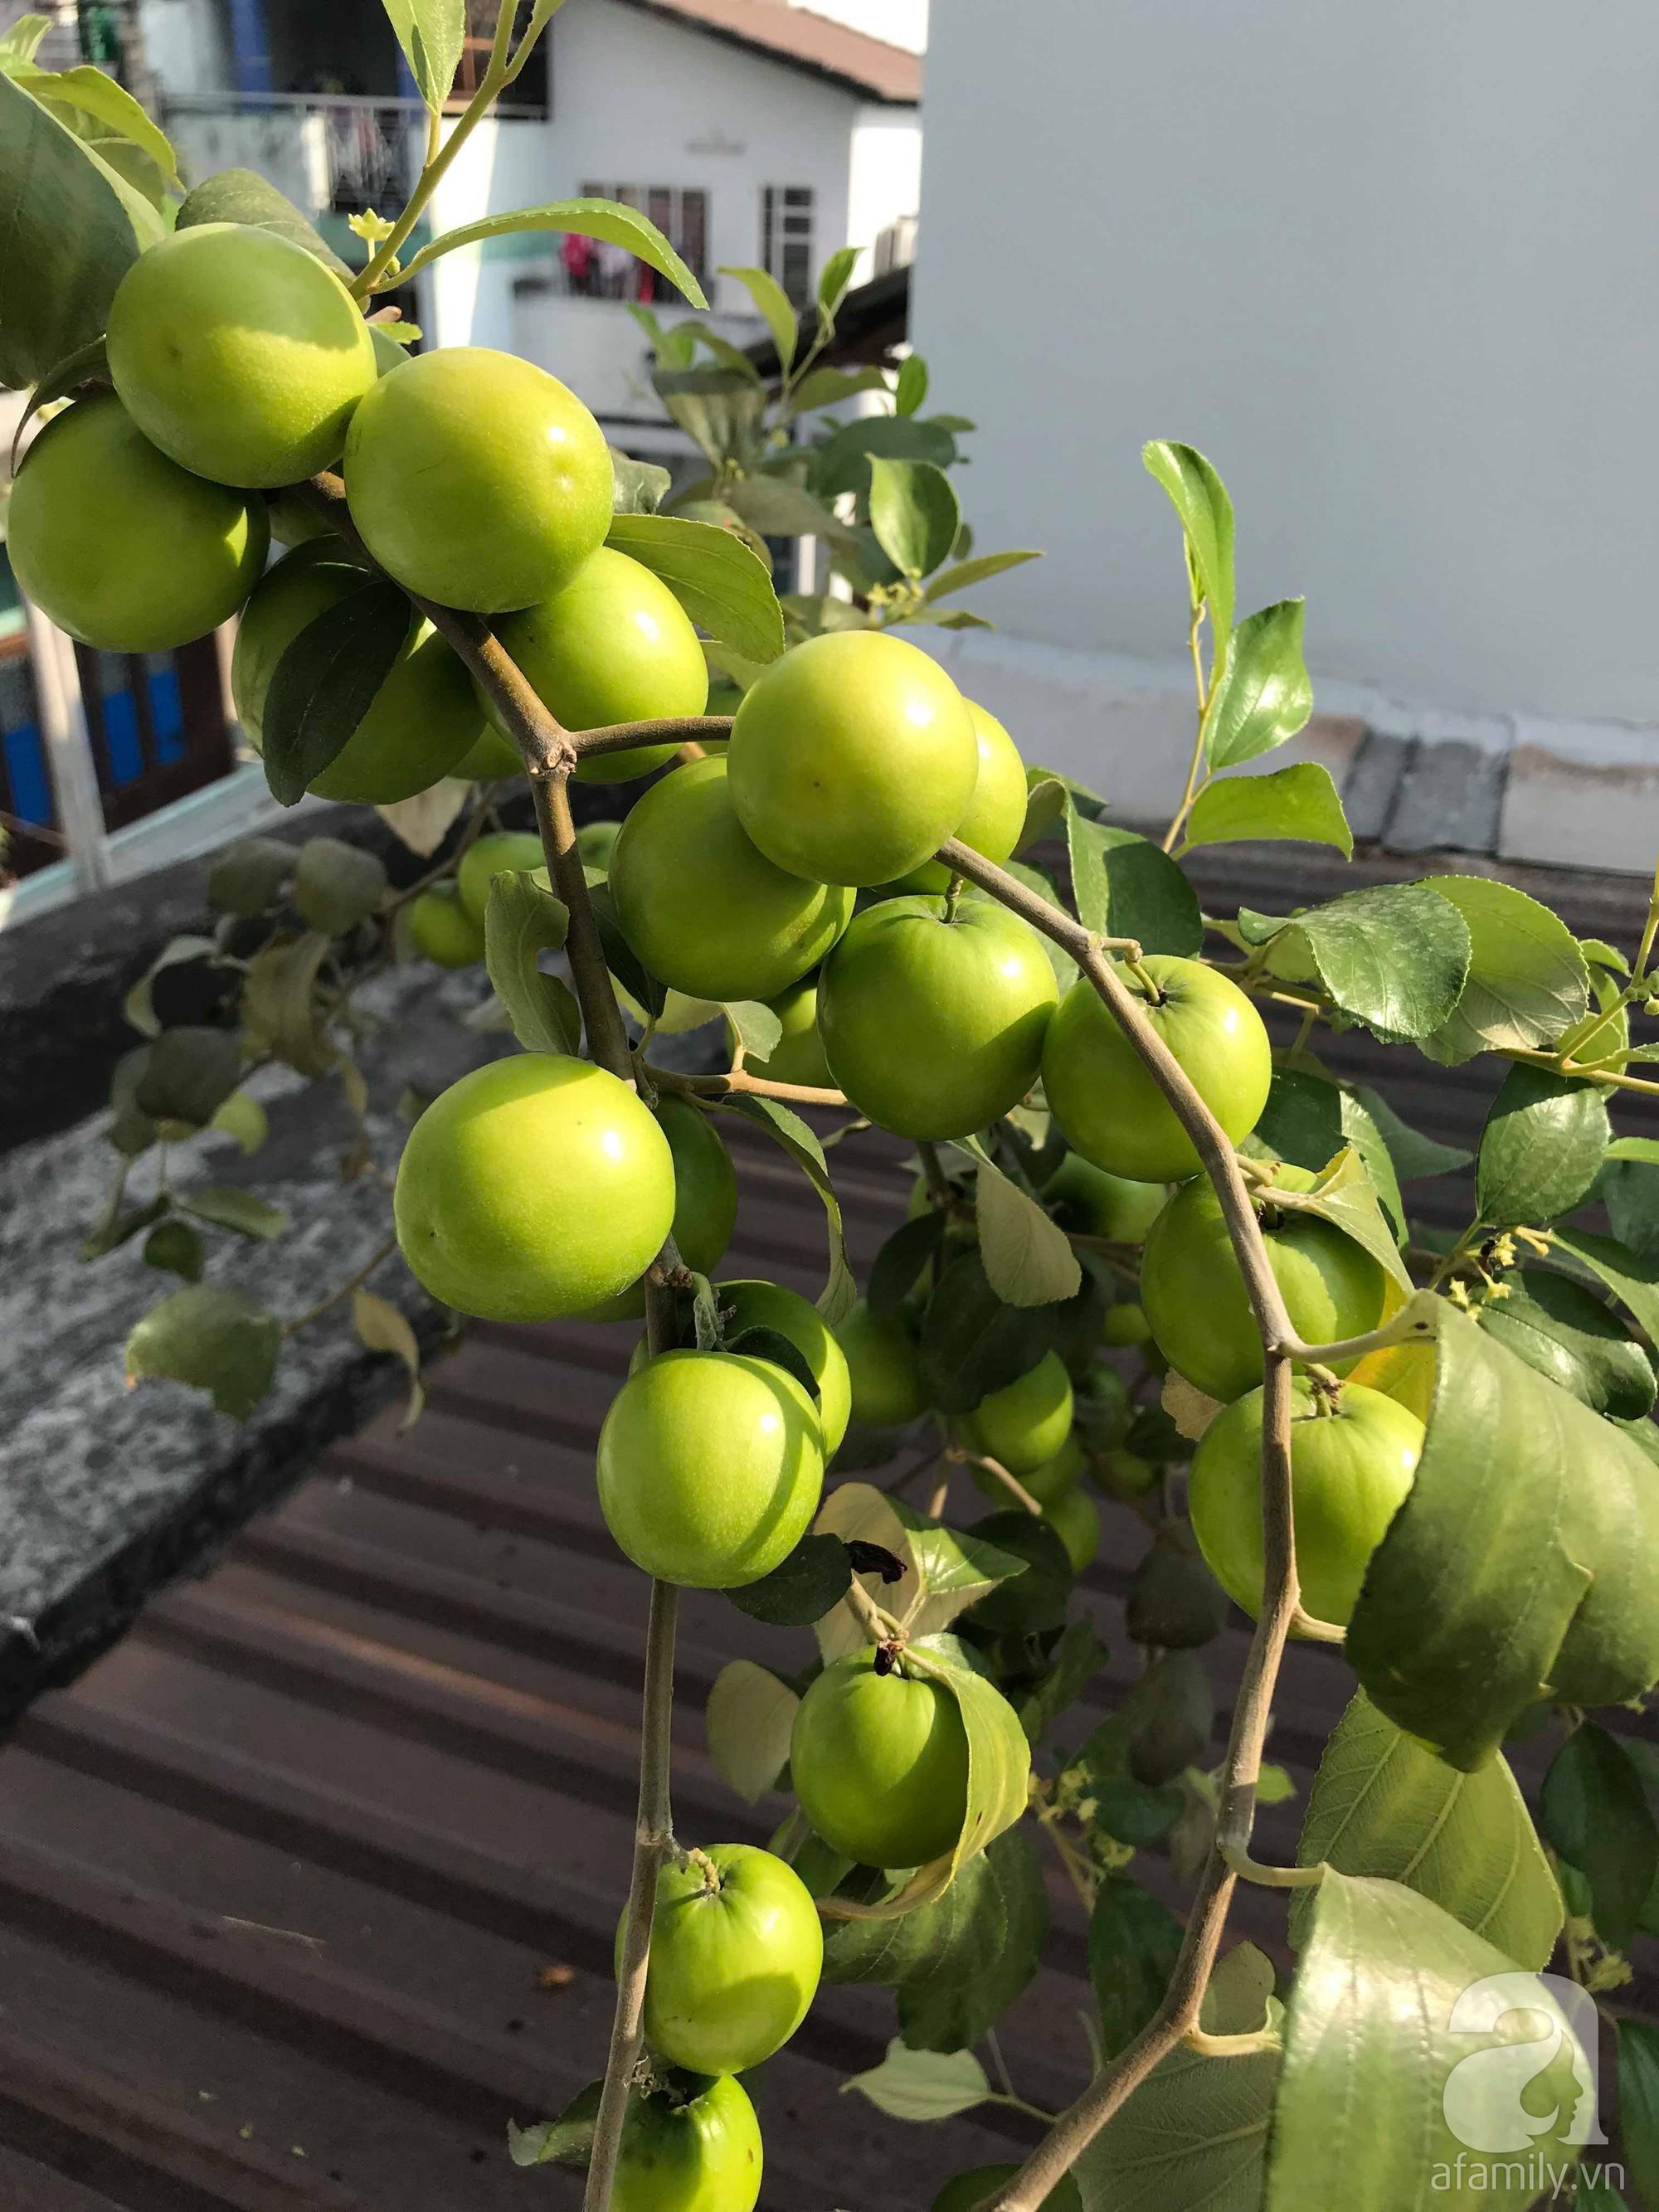 Kinh nghiệm trồng táo trên sân thượng thu hoạch không xuể của người đàn ông đảm đang ở Sài Gòn - Hình 15